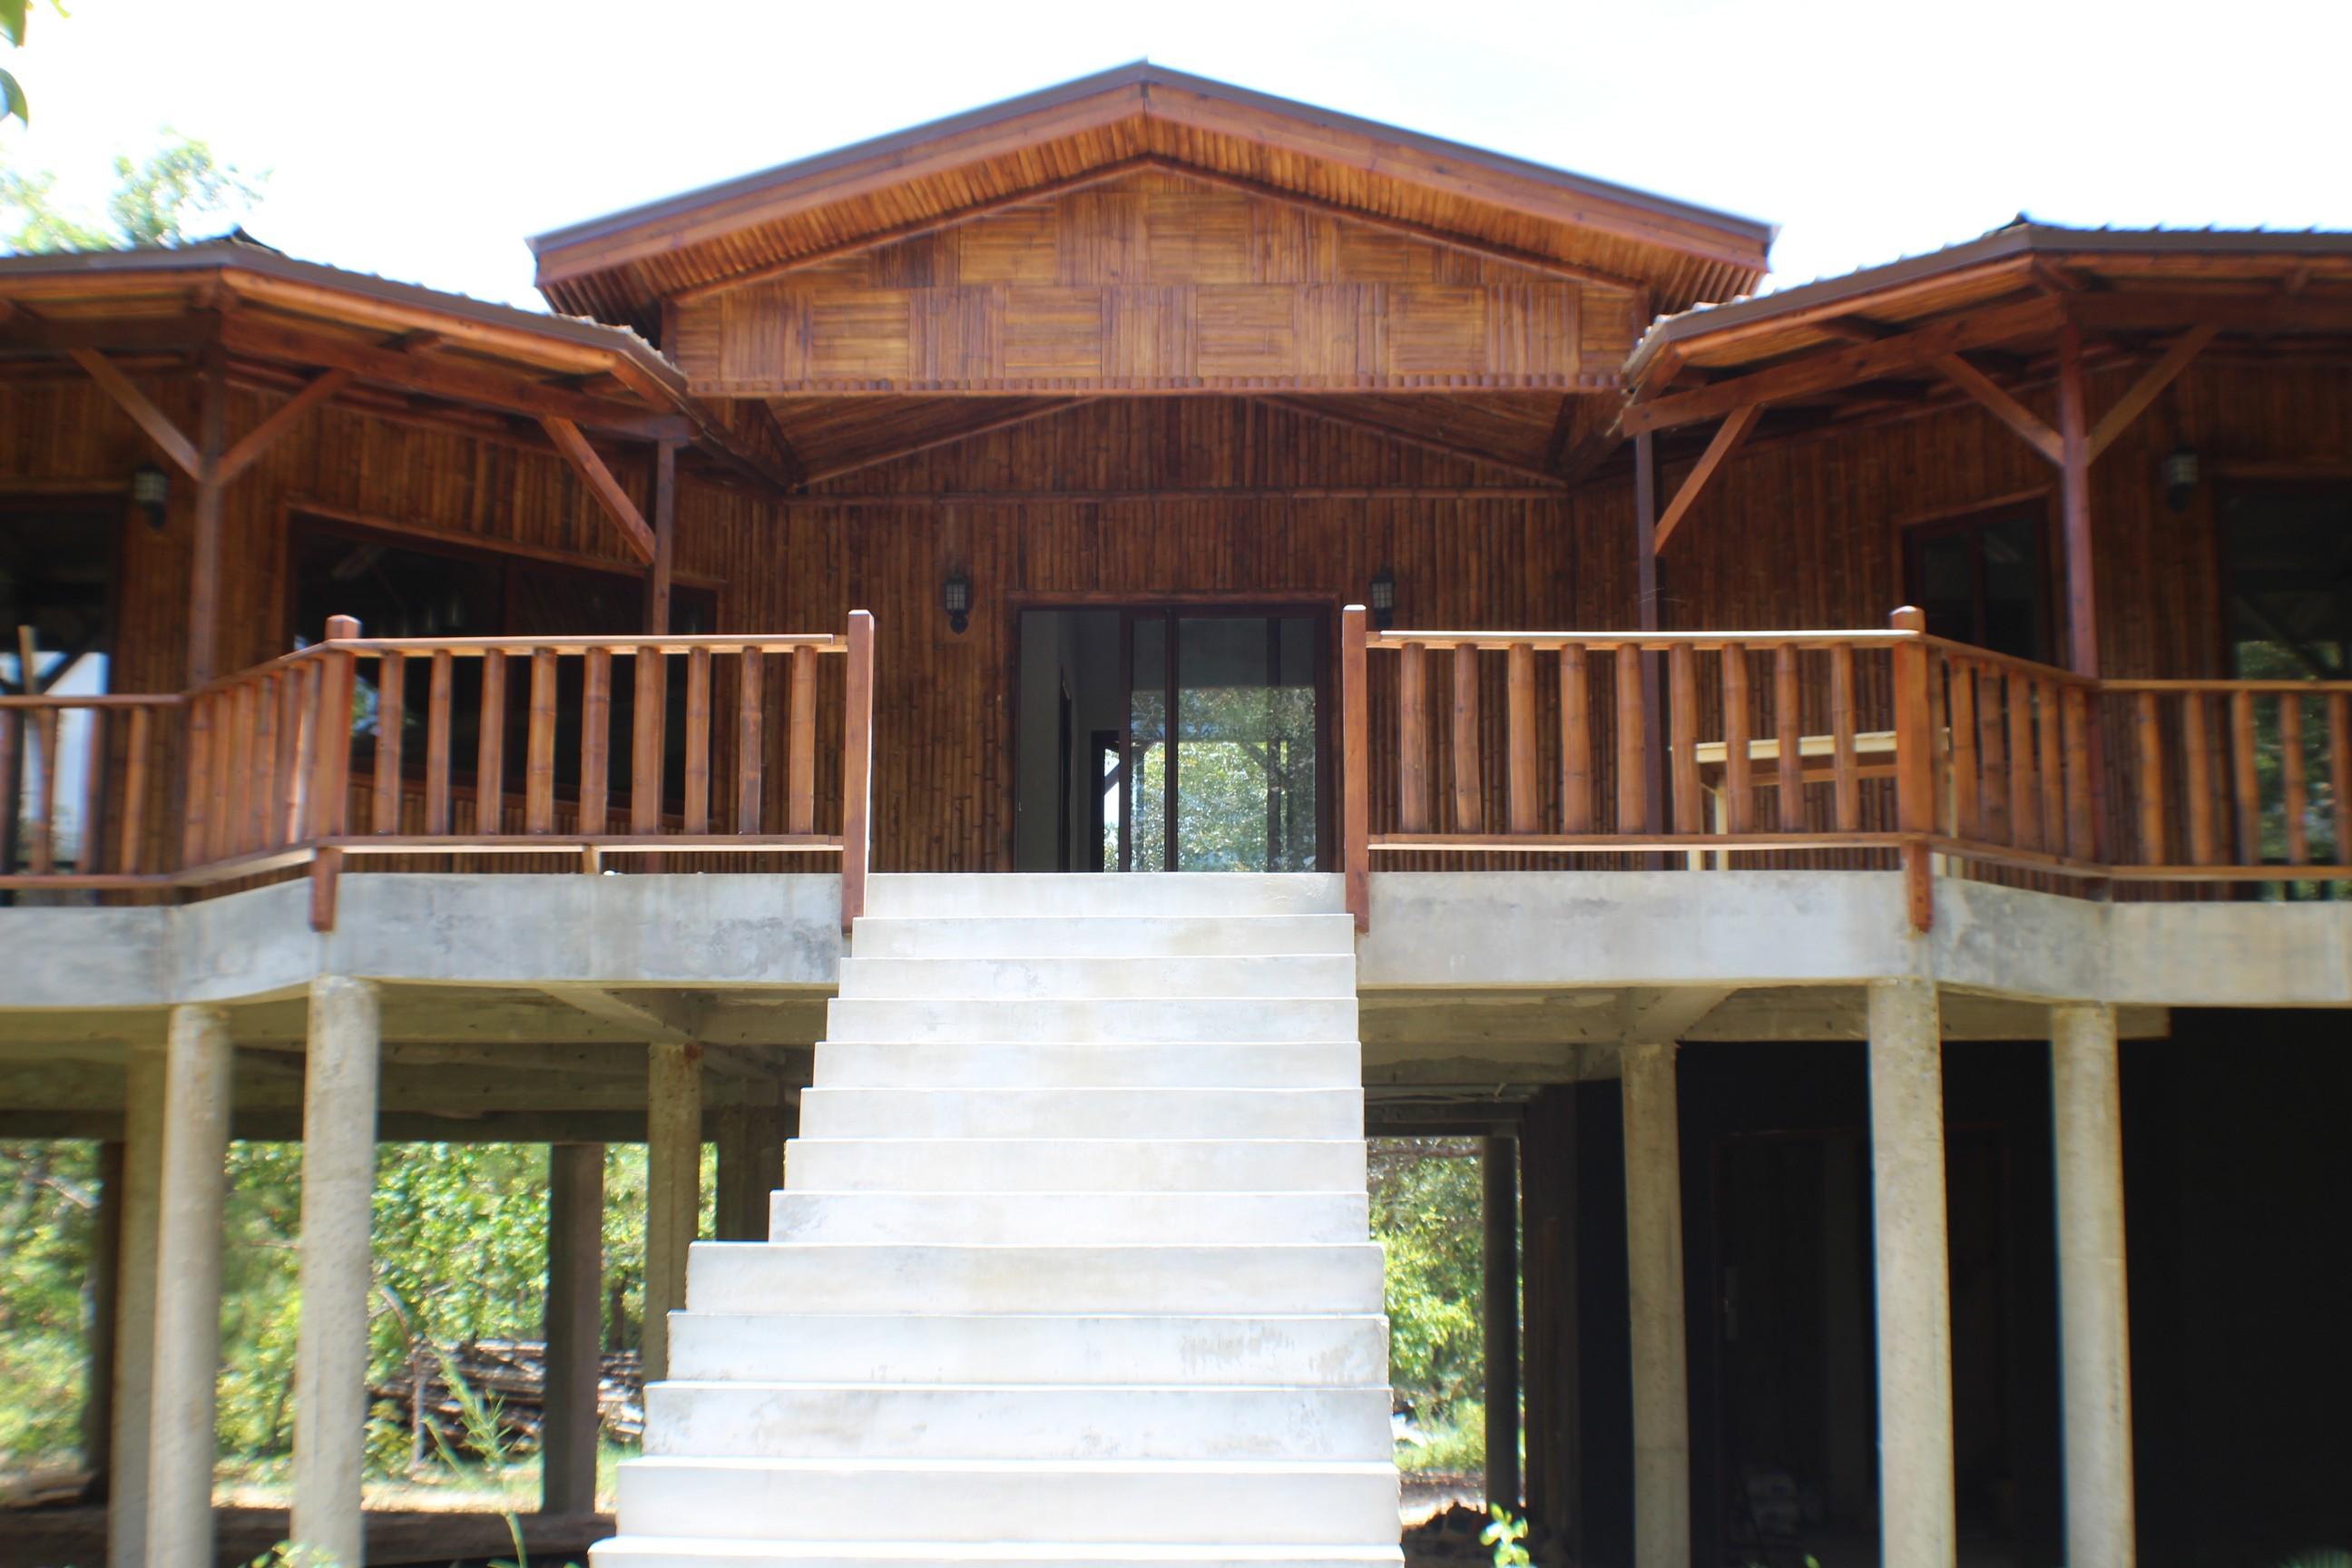 独户住宅 为 销售 在 Custom Built Bamboo Home 斯坦克里克其他地方, 斯坦克里克, 伯利兹